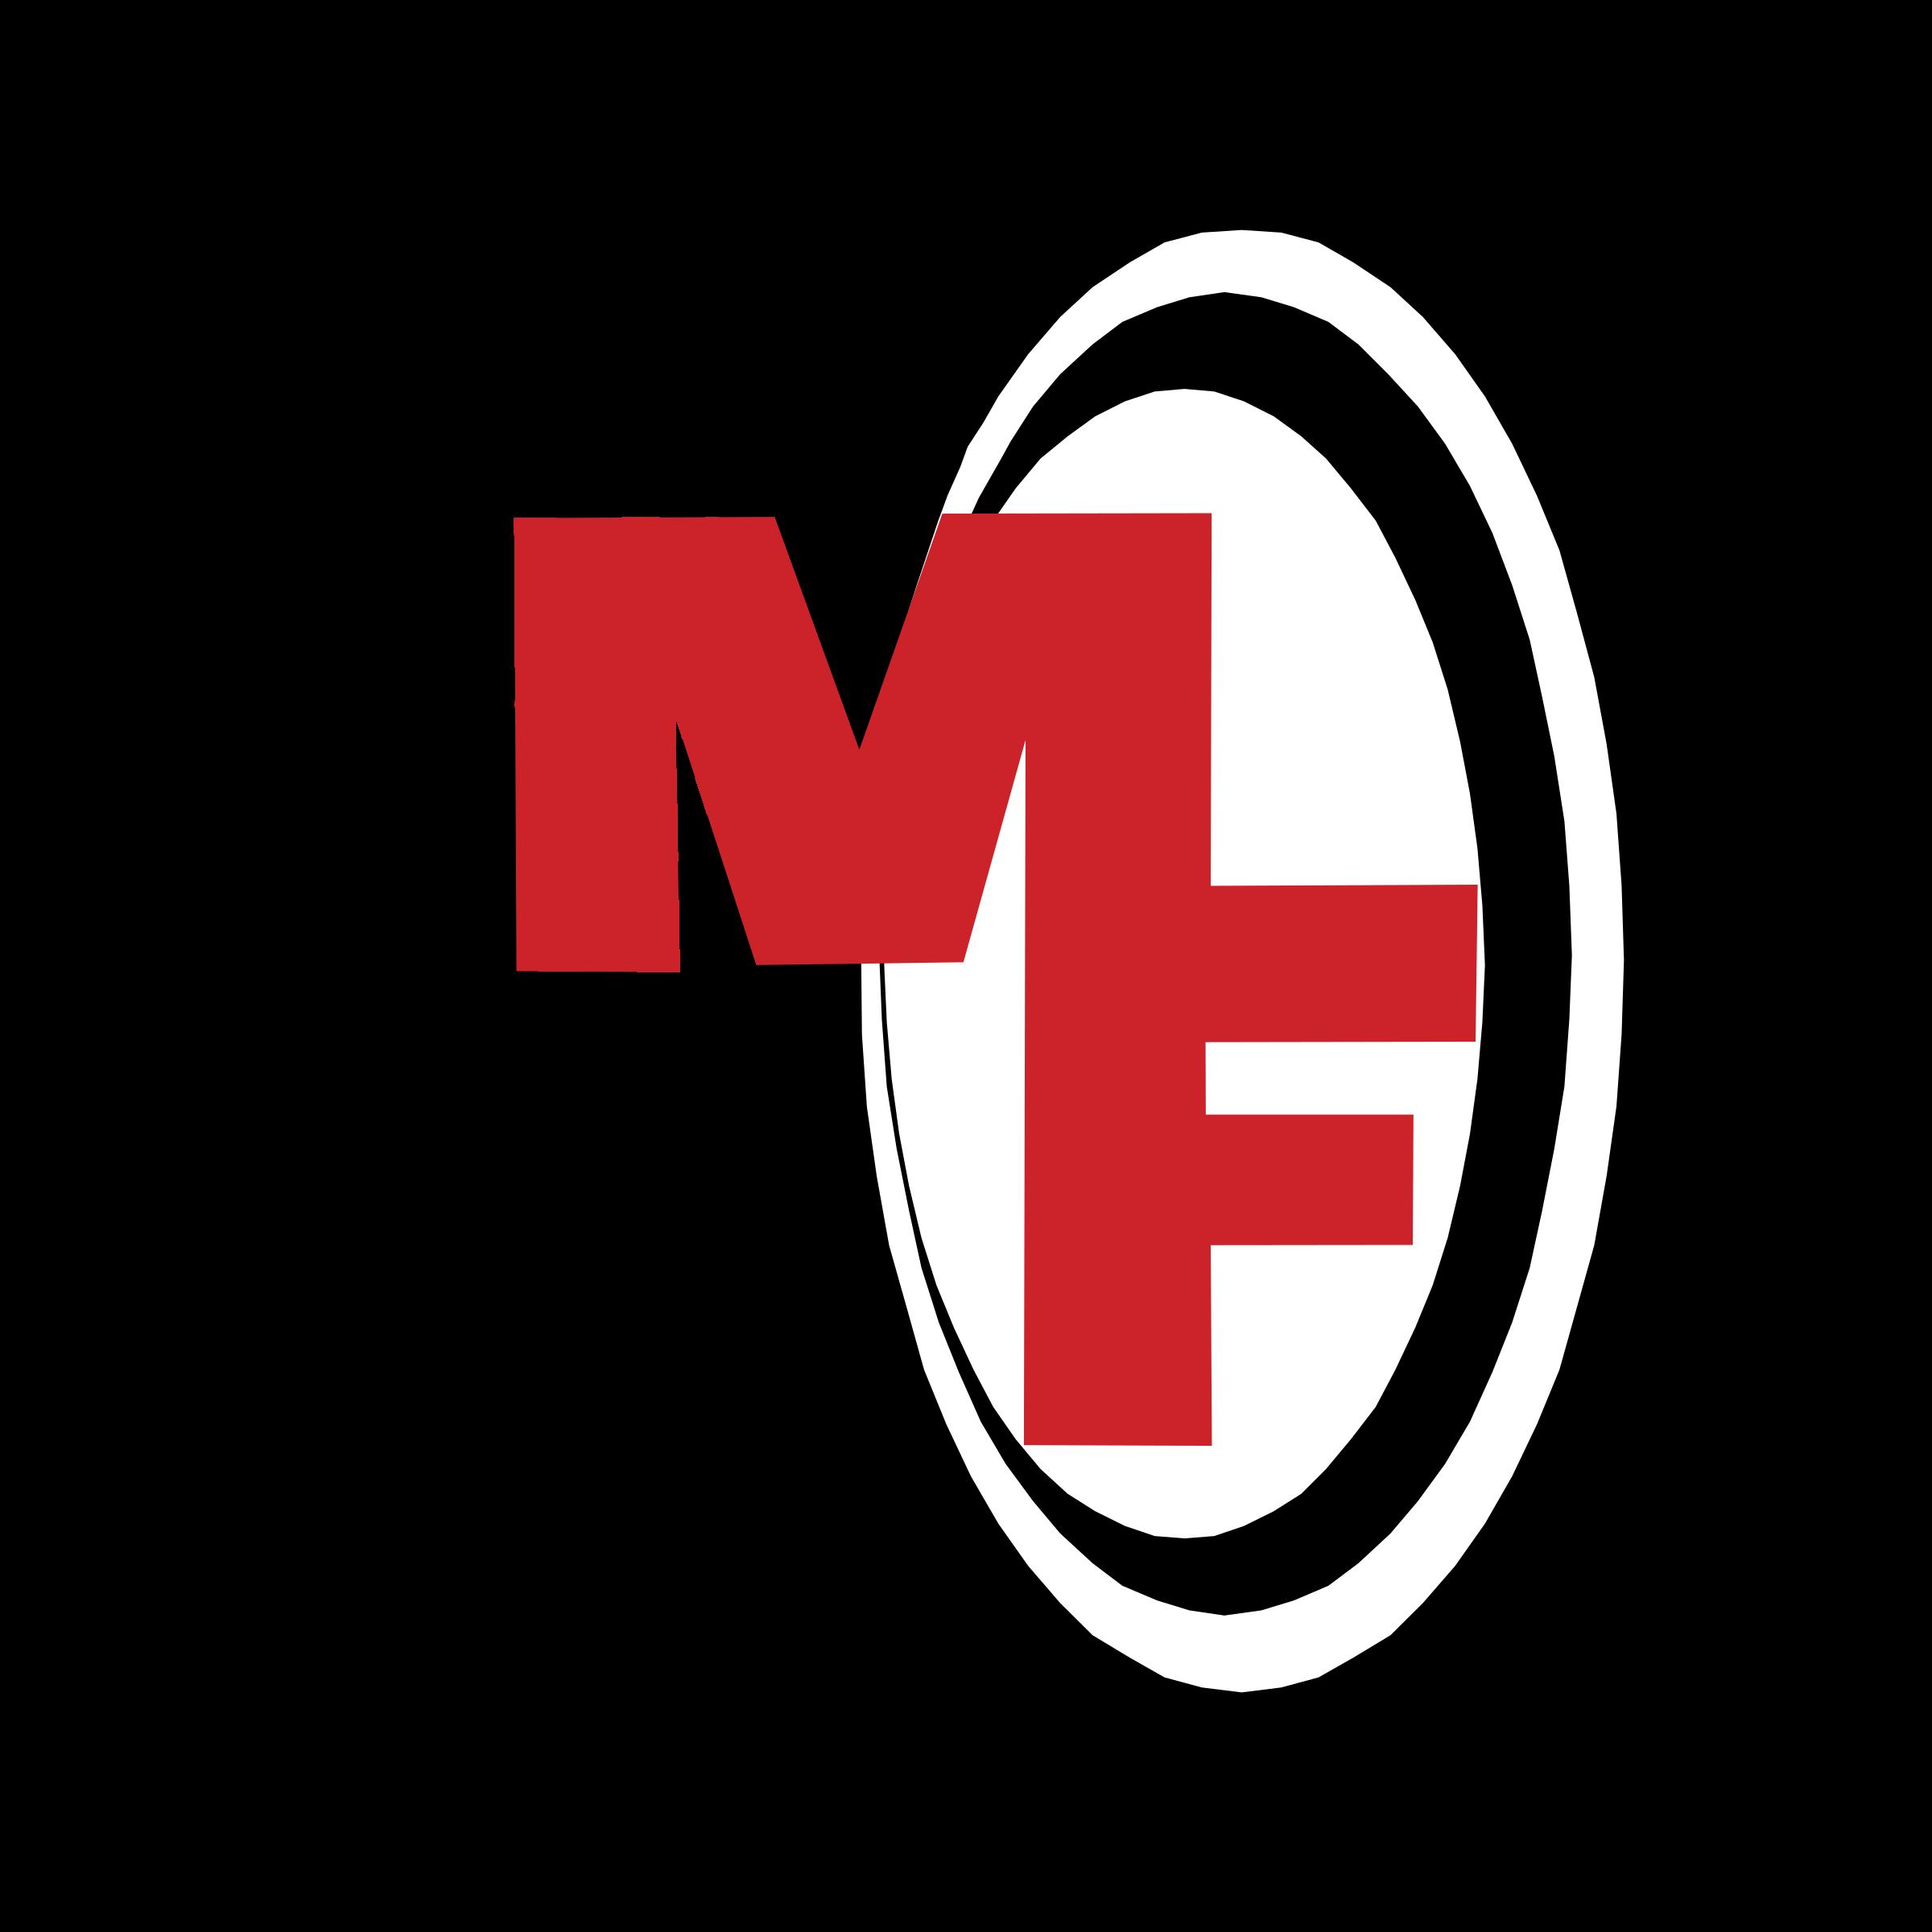 MF Logo PNG Transparent & SVG Vector.